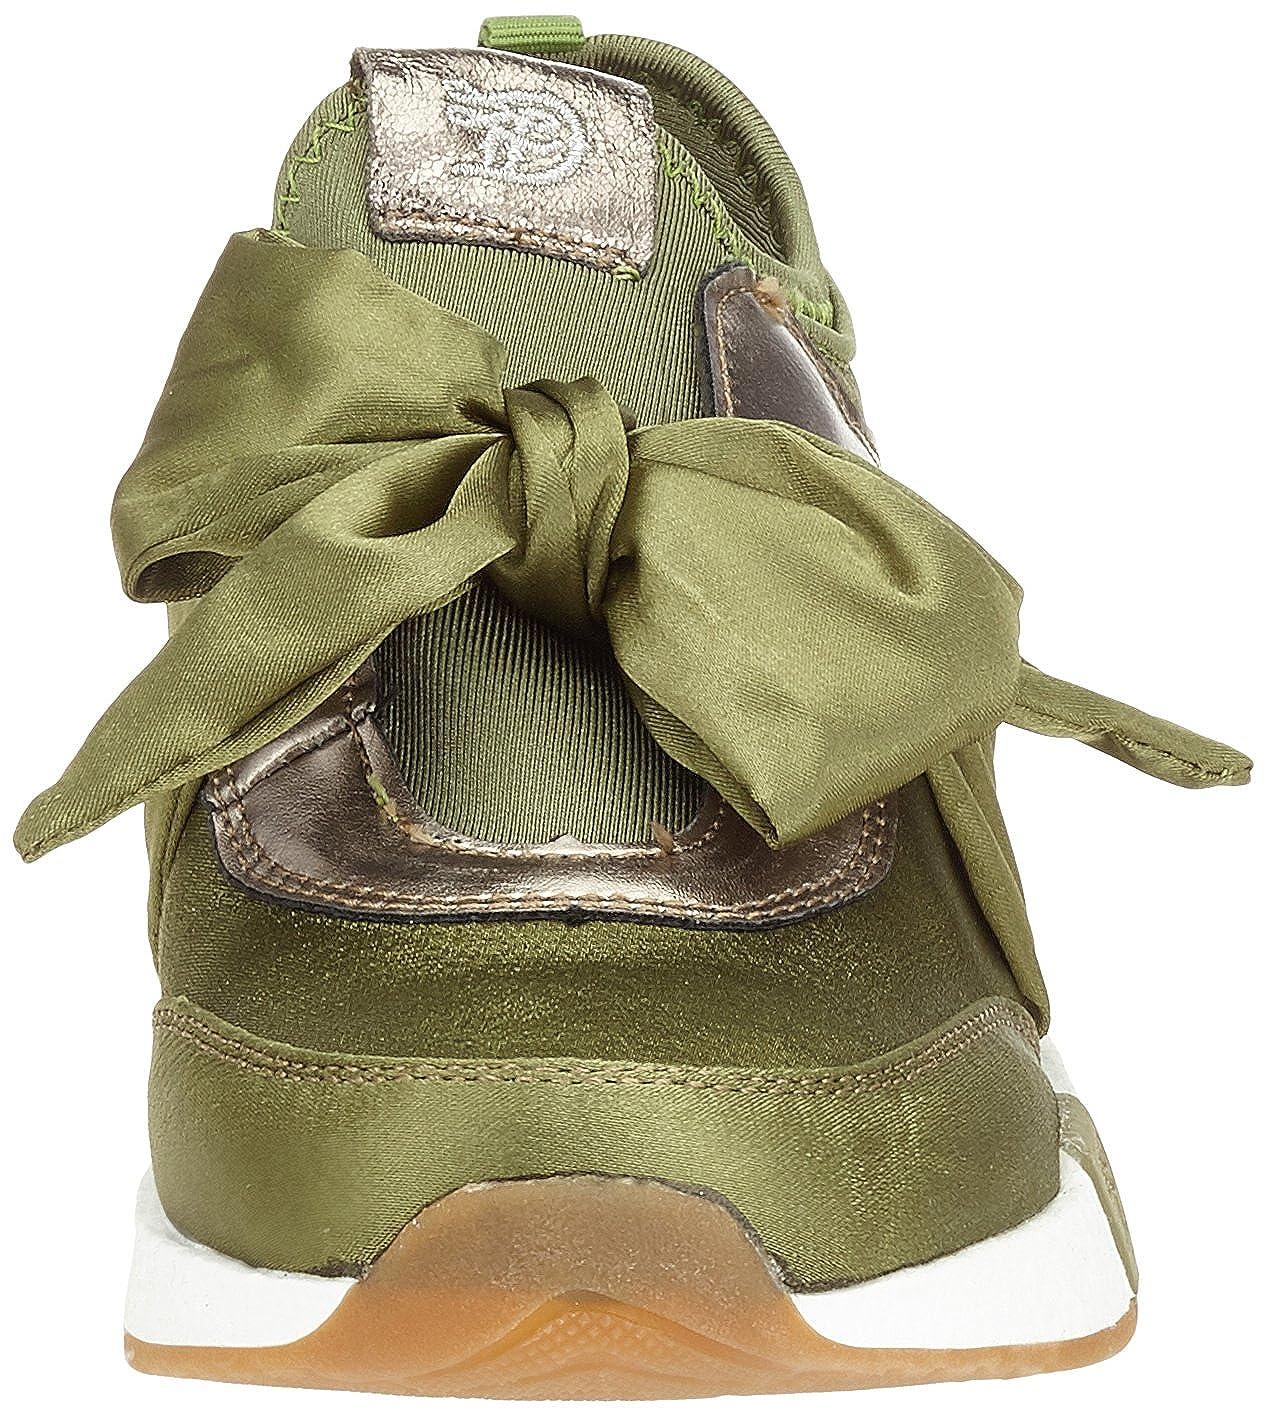 TOM TAILOR Damen 4899105 Grün Sneaker Grün 4899105 (Khaki) 3c0843